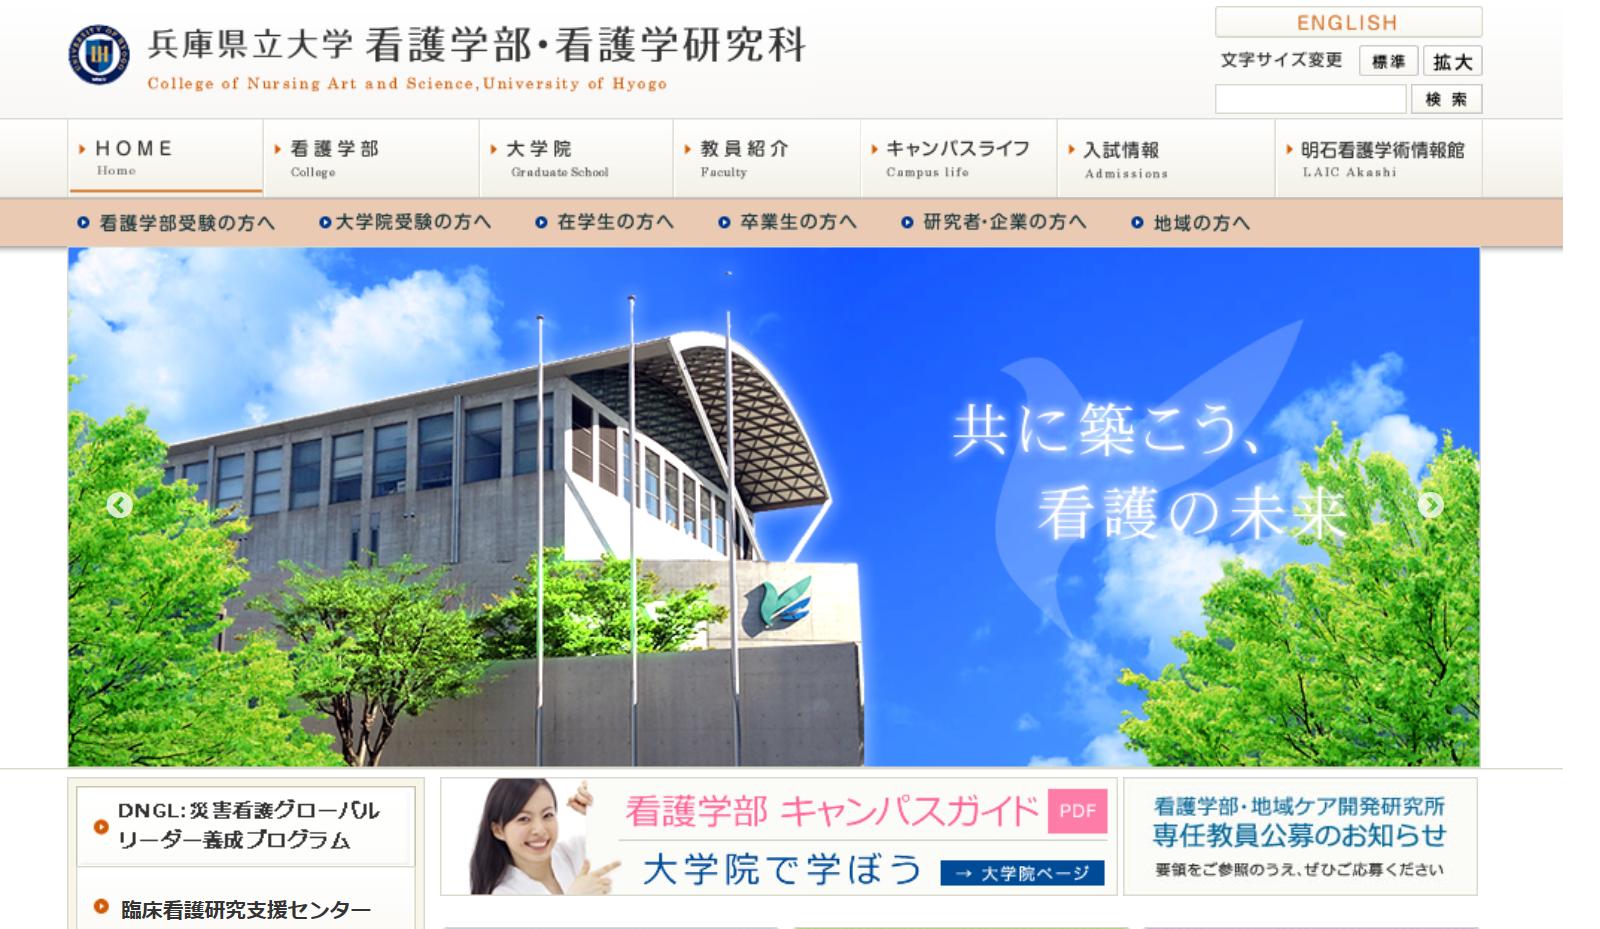 兵庫県立大学の評判・口コミ【看護学部編】